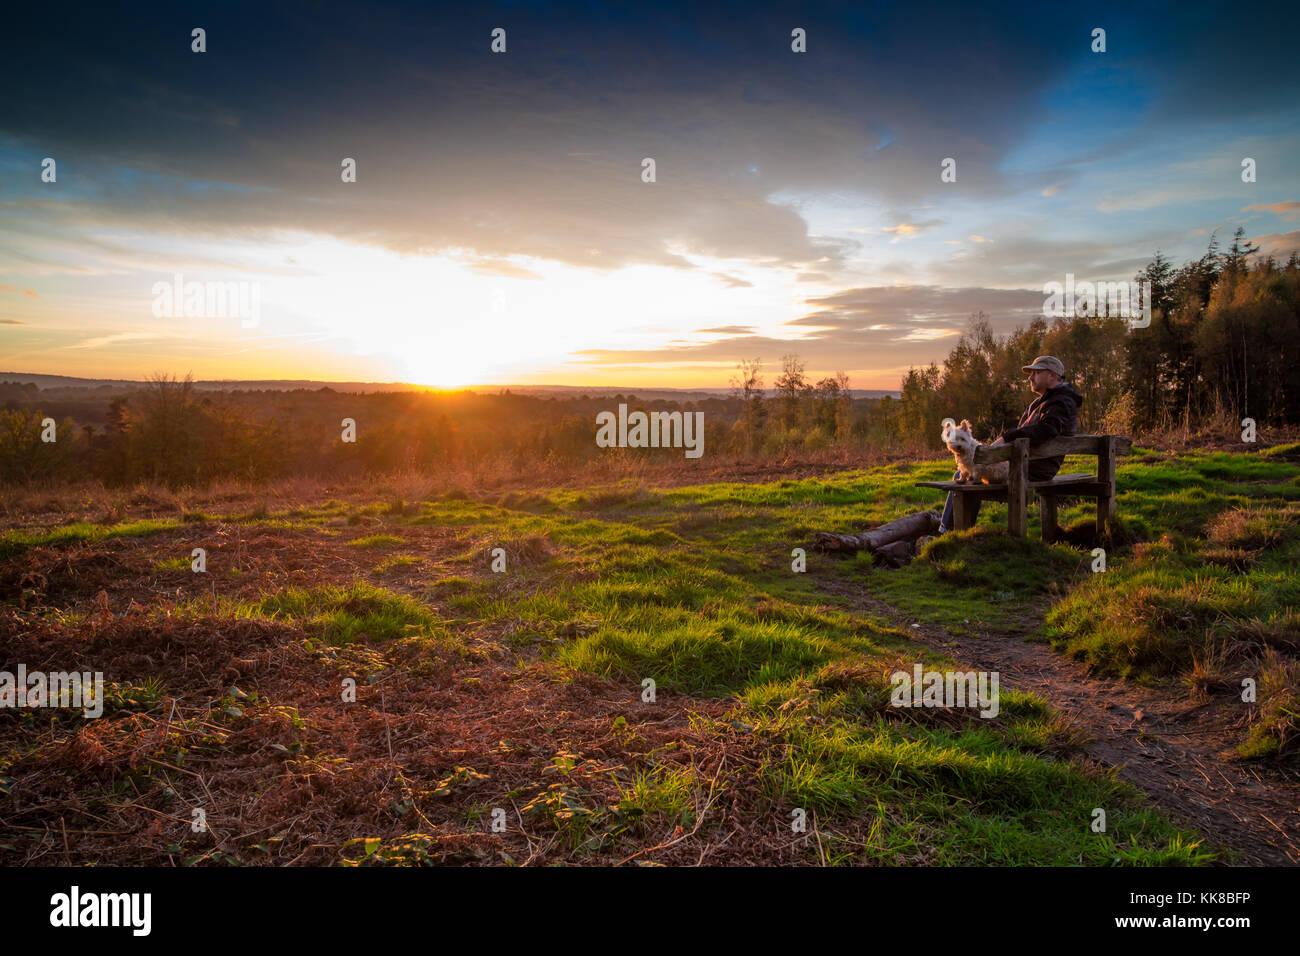 Tunbridge Wells kent forêt hargate; l'homme avec bouchon sur assis sur un banc avec westie chien à la recherche de l'autre côté de la bruyère et fougère valley regardant le coucher du soleil Banque D'Images